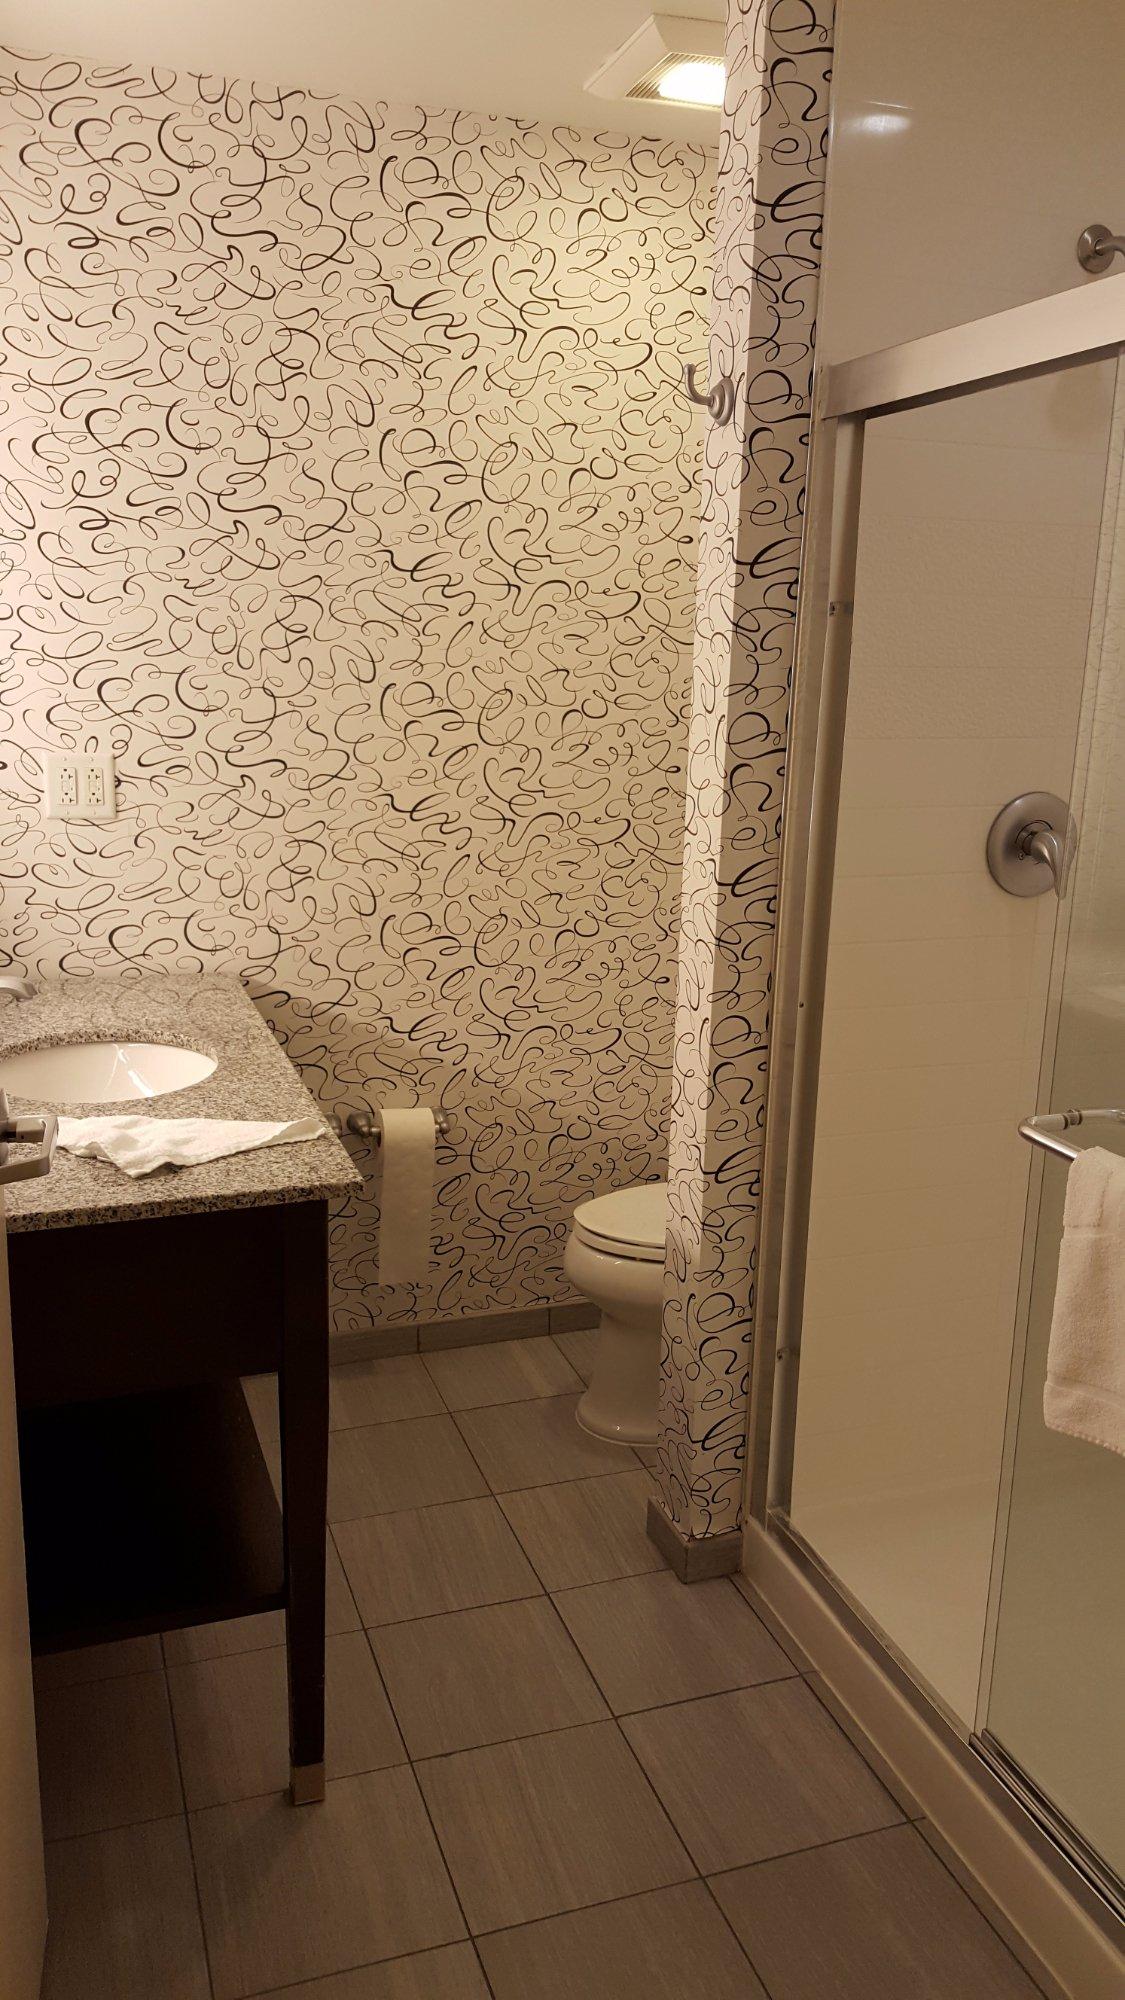 hampton inn washington d c white house now $132 was $̶2̶5̶2̶